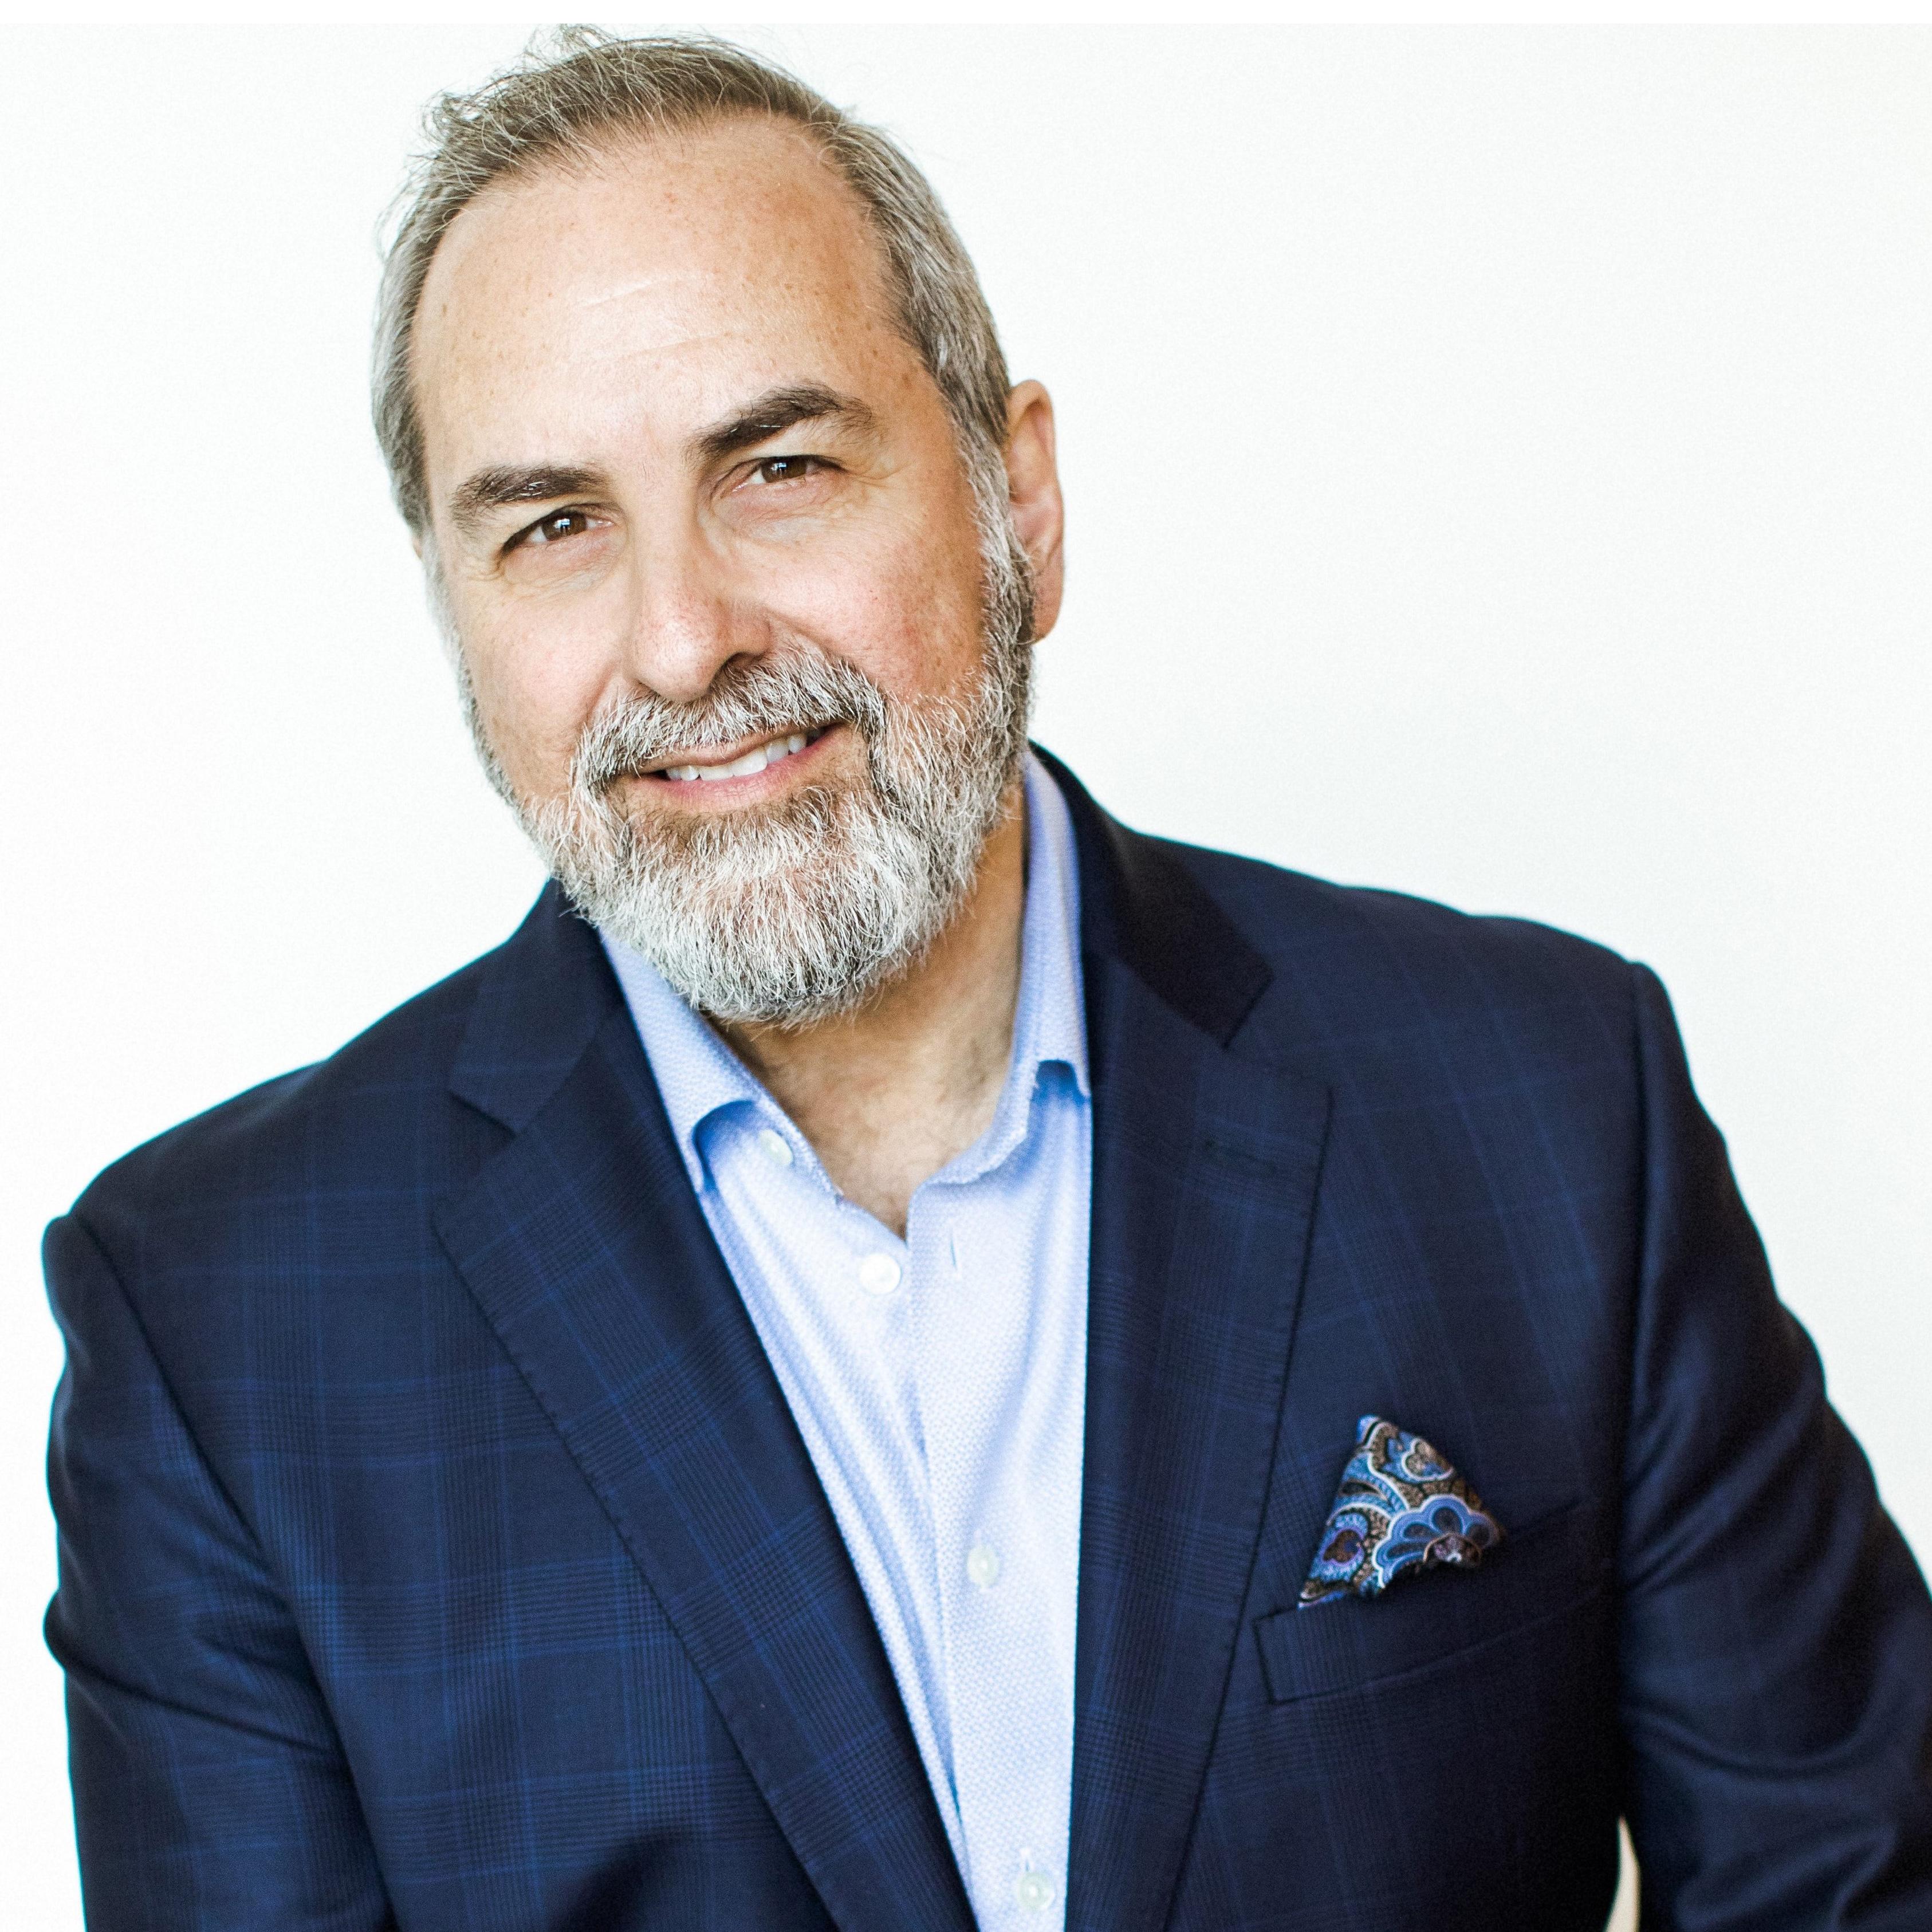 Keith Gerson, CFE